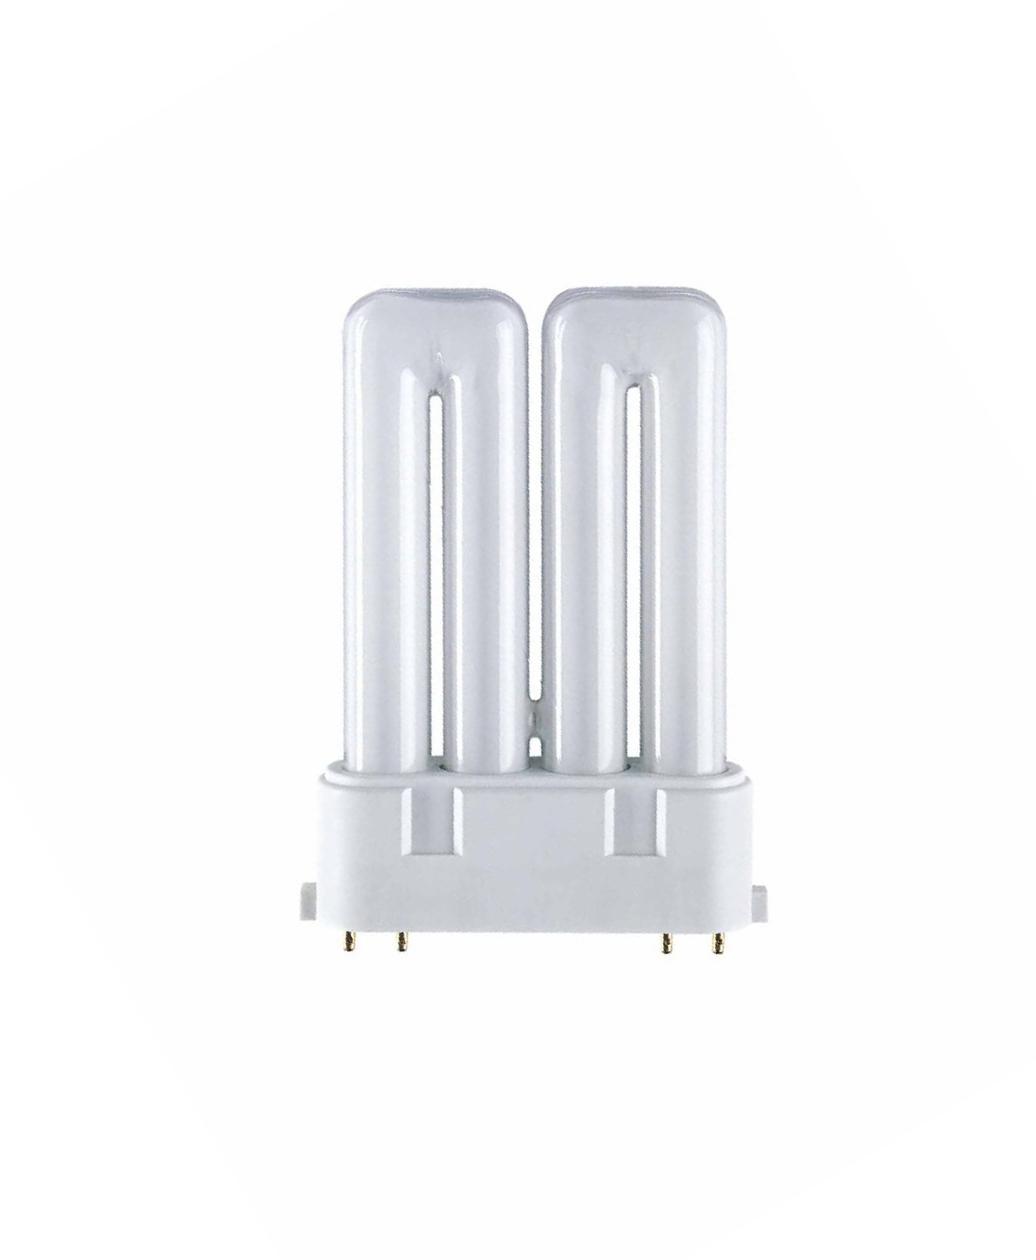 1 Stk TC-F 36W/830 2G10, Kompaktleuchtstofflampe LI5W299051